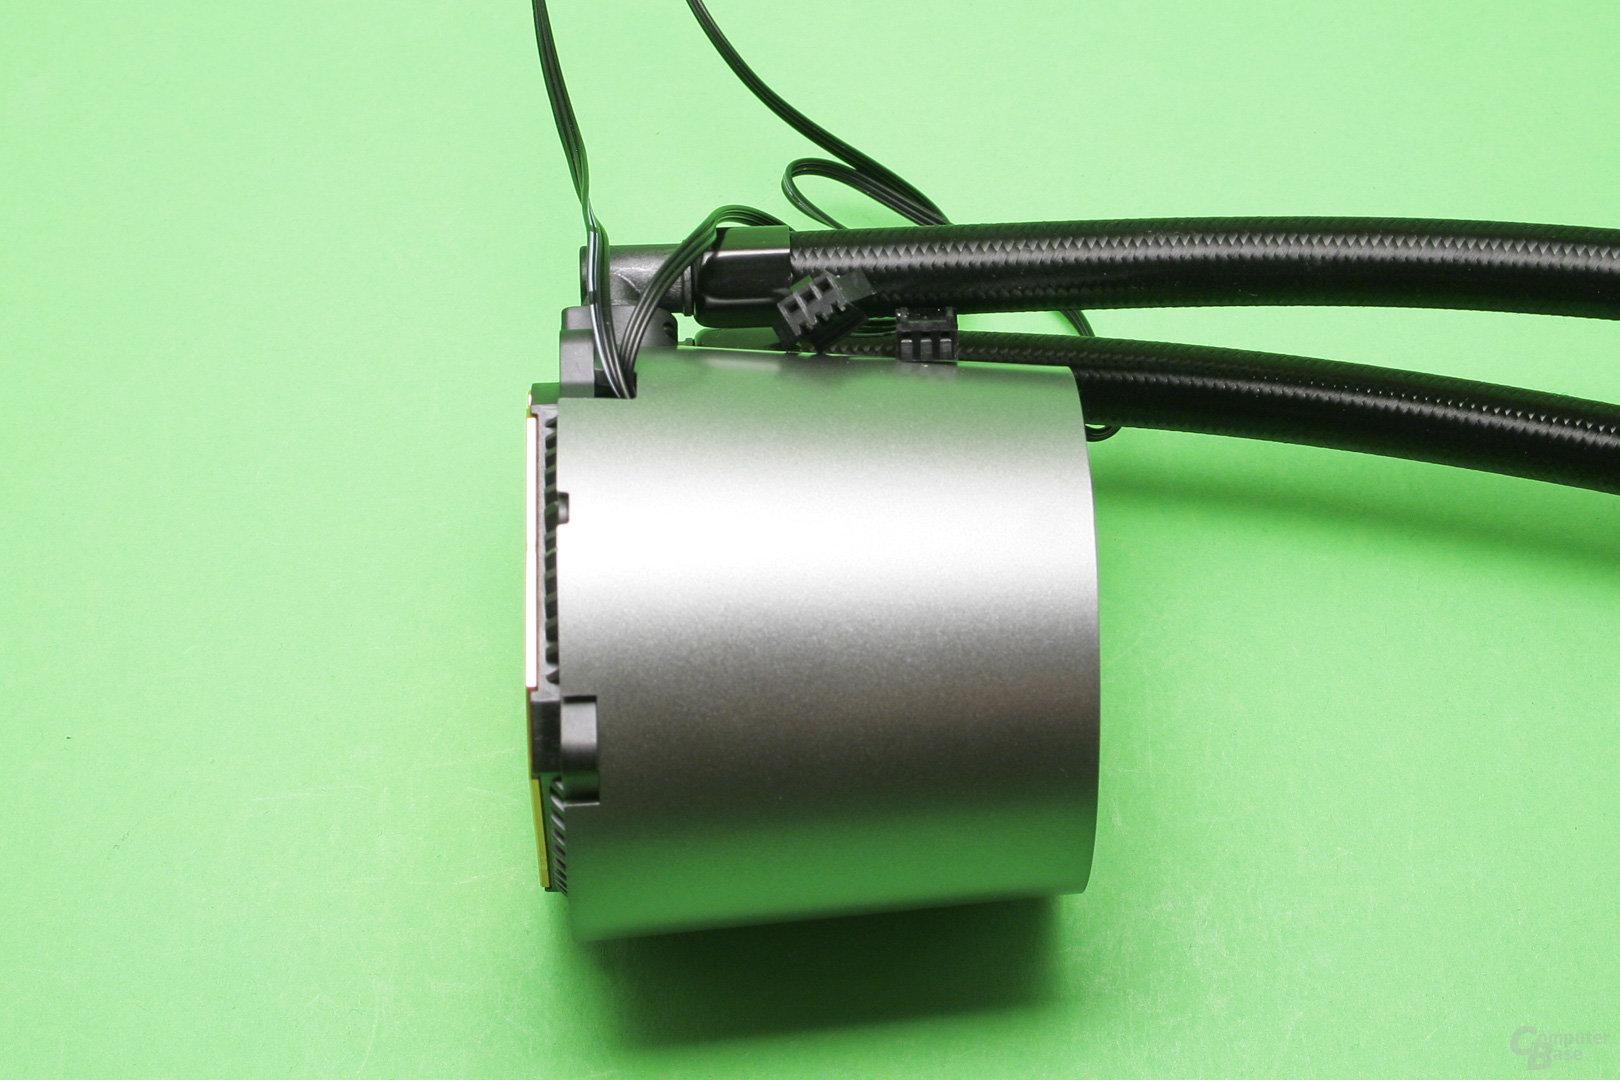 Deepcool Castle 240 RGB: Pumpeneinheit mit Strom- und LED-Anschlusskabel